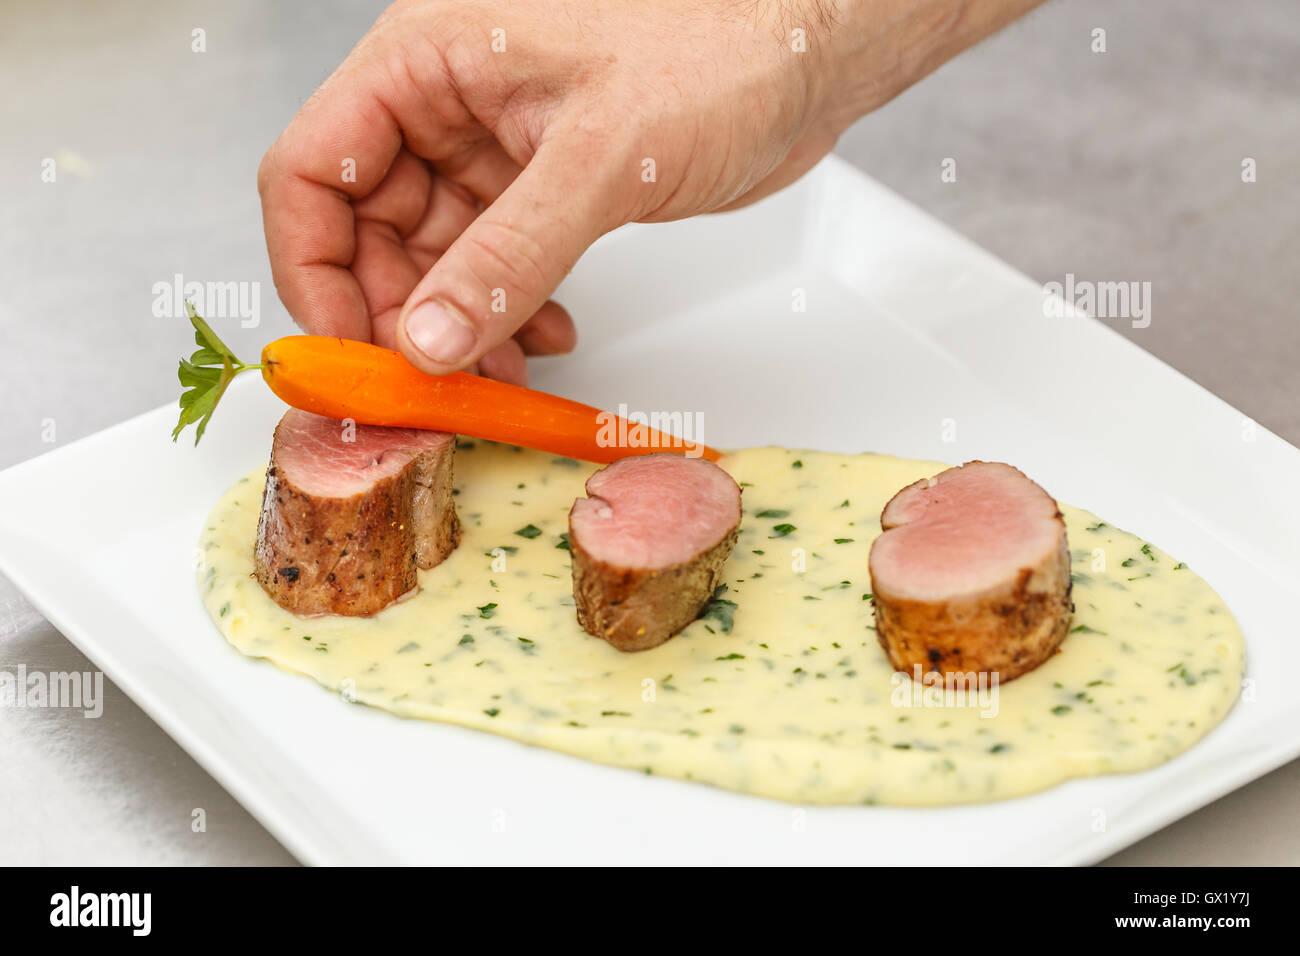 Koch garnieren Teller mit Karotte, feines Essen Stockbild